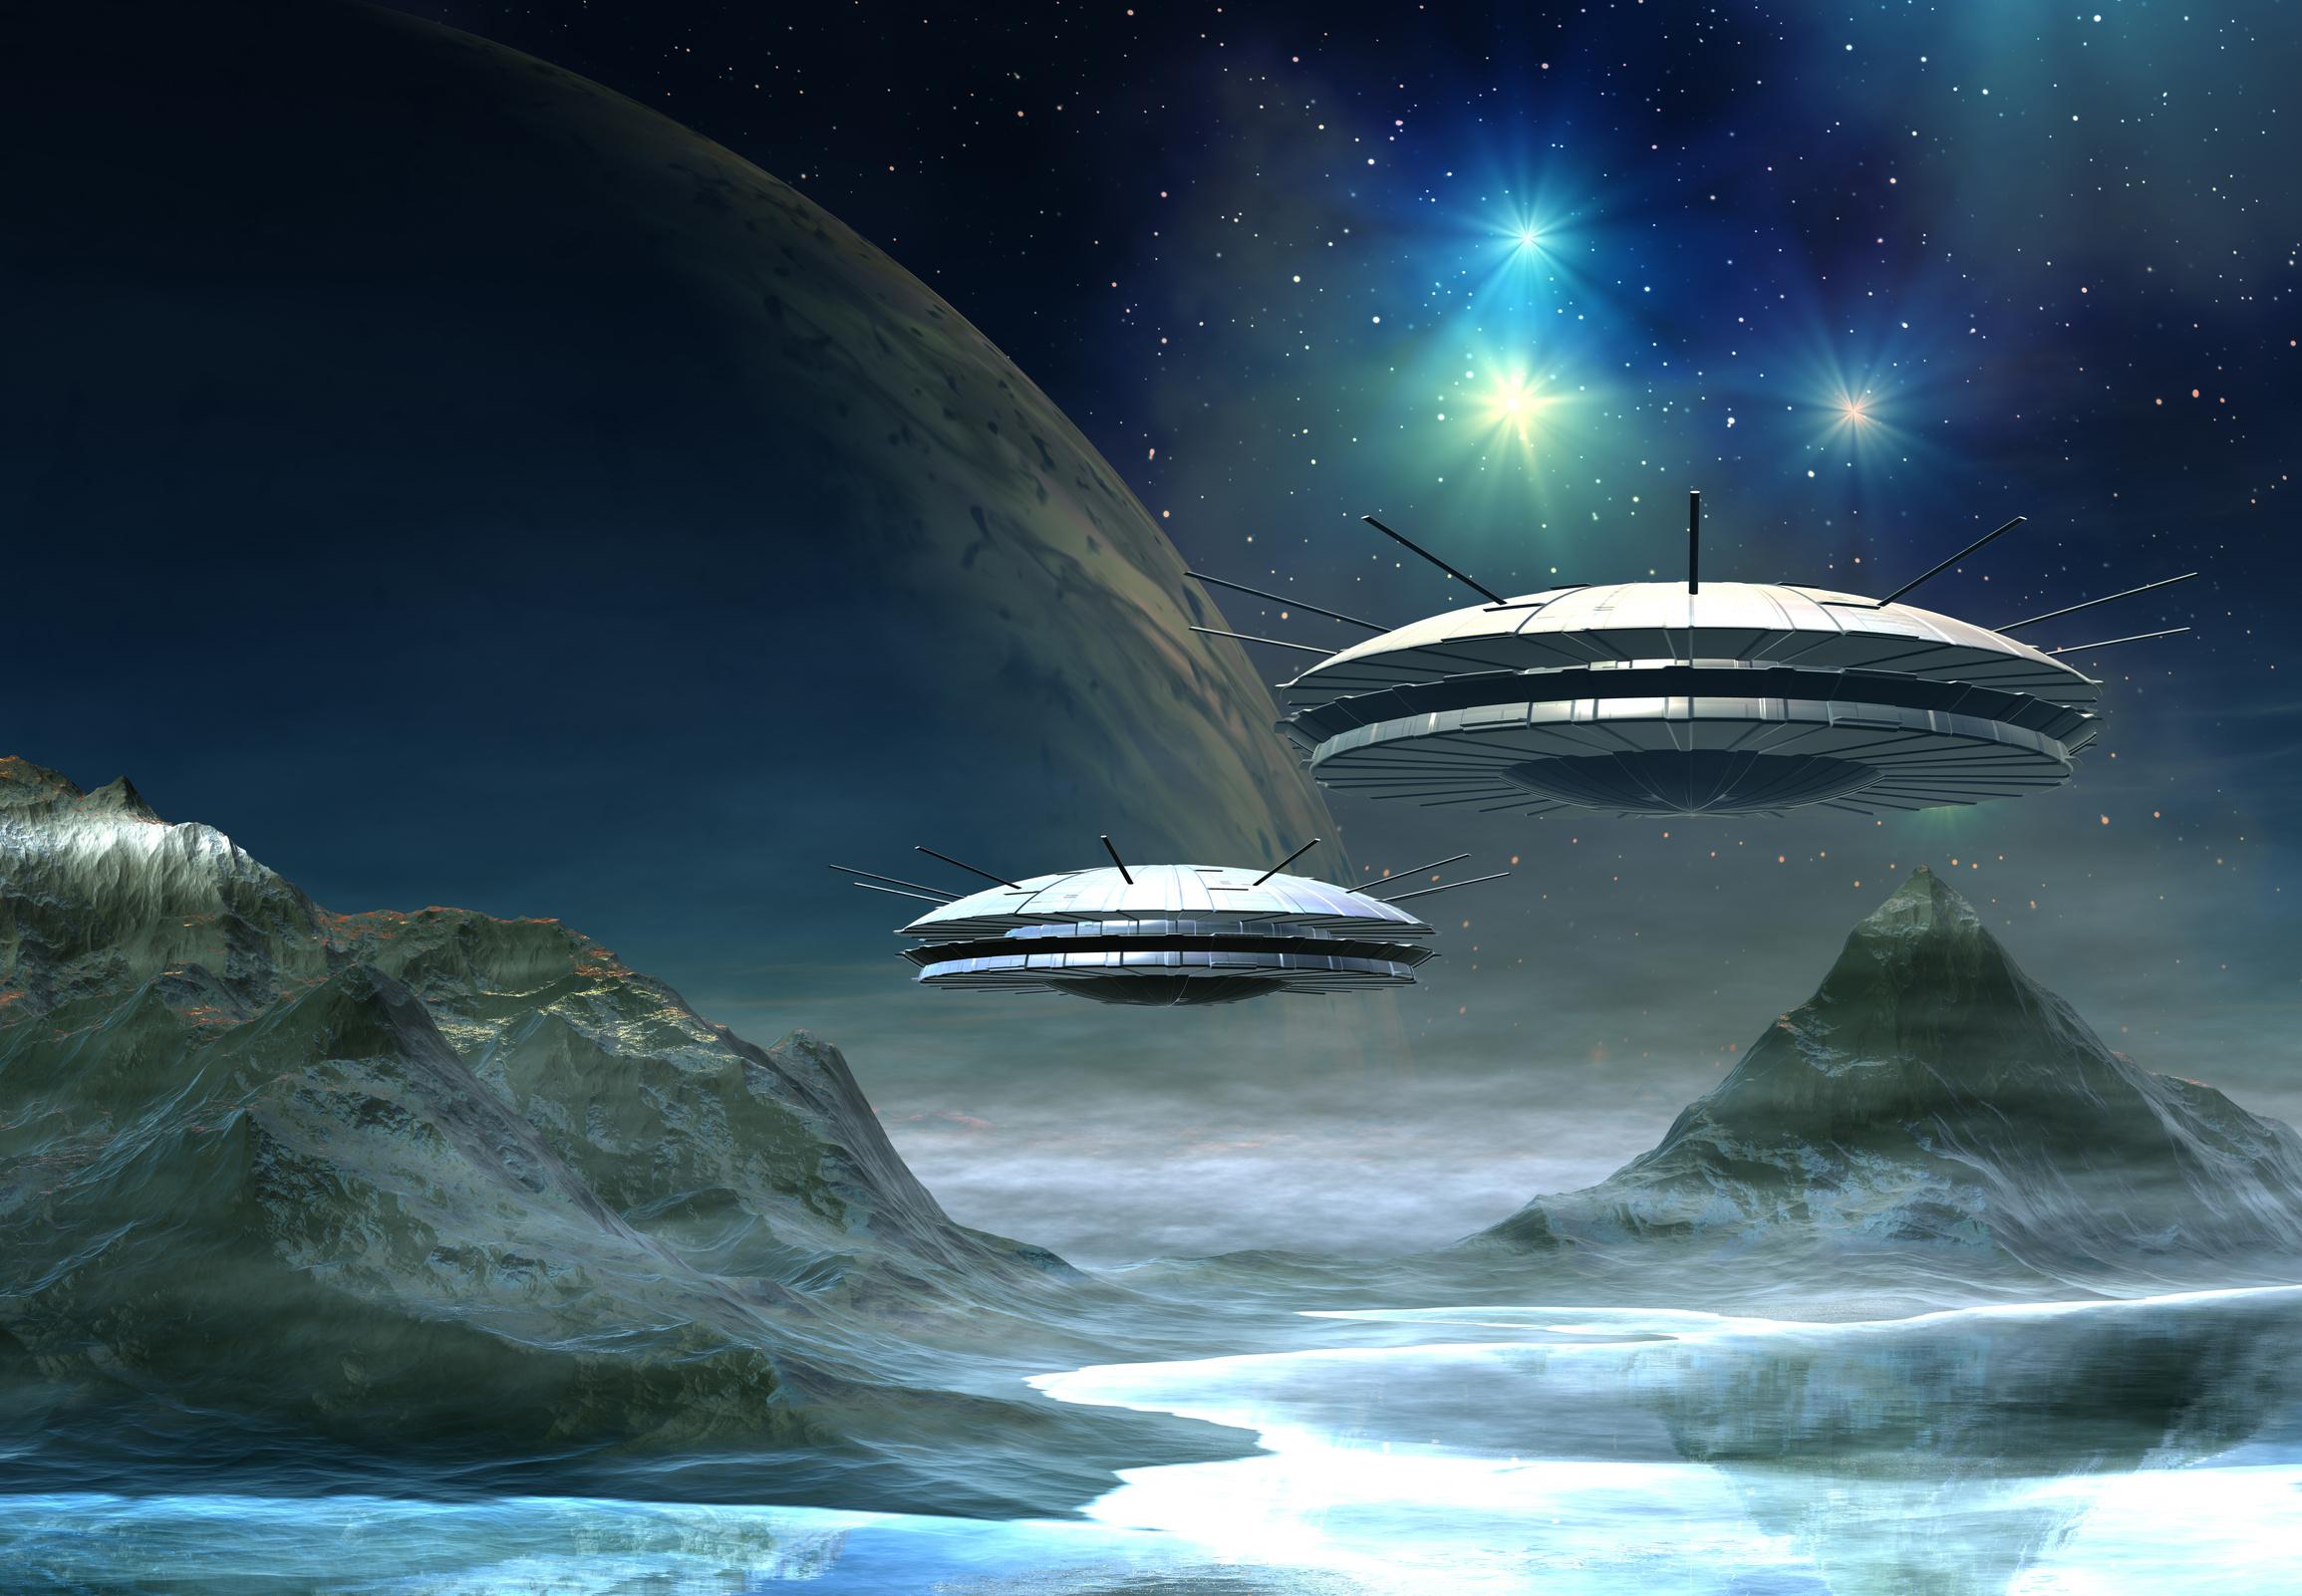 解封報告:美國海軍邂逅UFO的三次細節